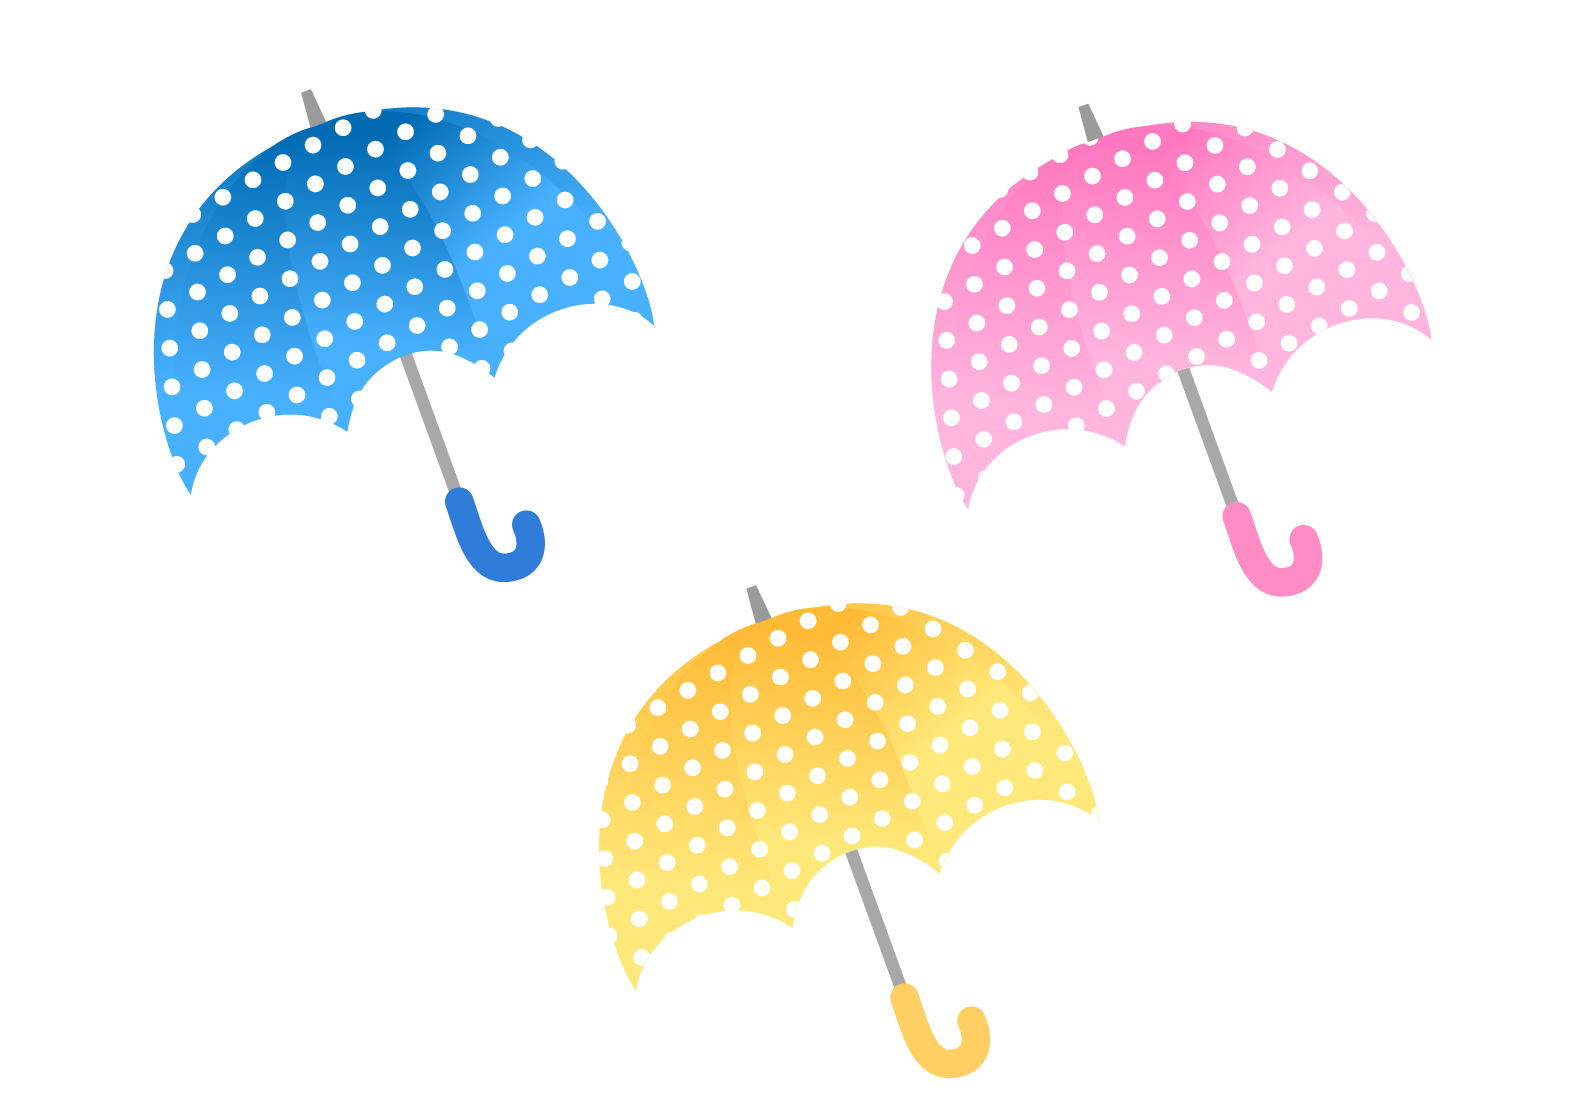 ビニール傘フルトン大人気!?雨の日が楽しくなる最近の傘事情について!